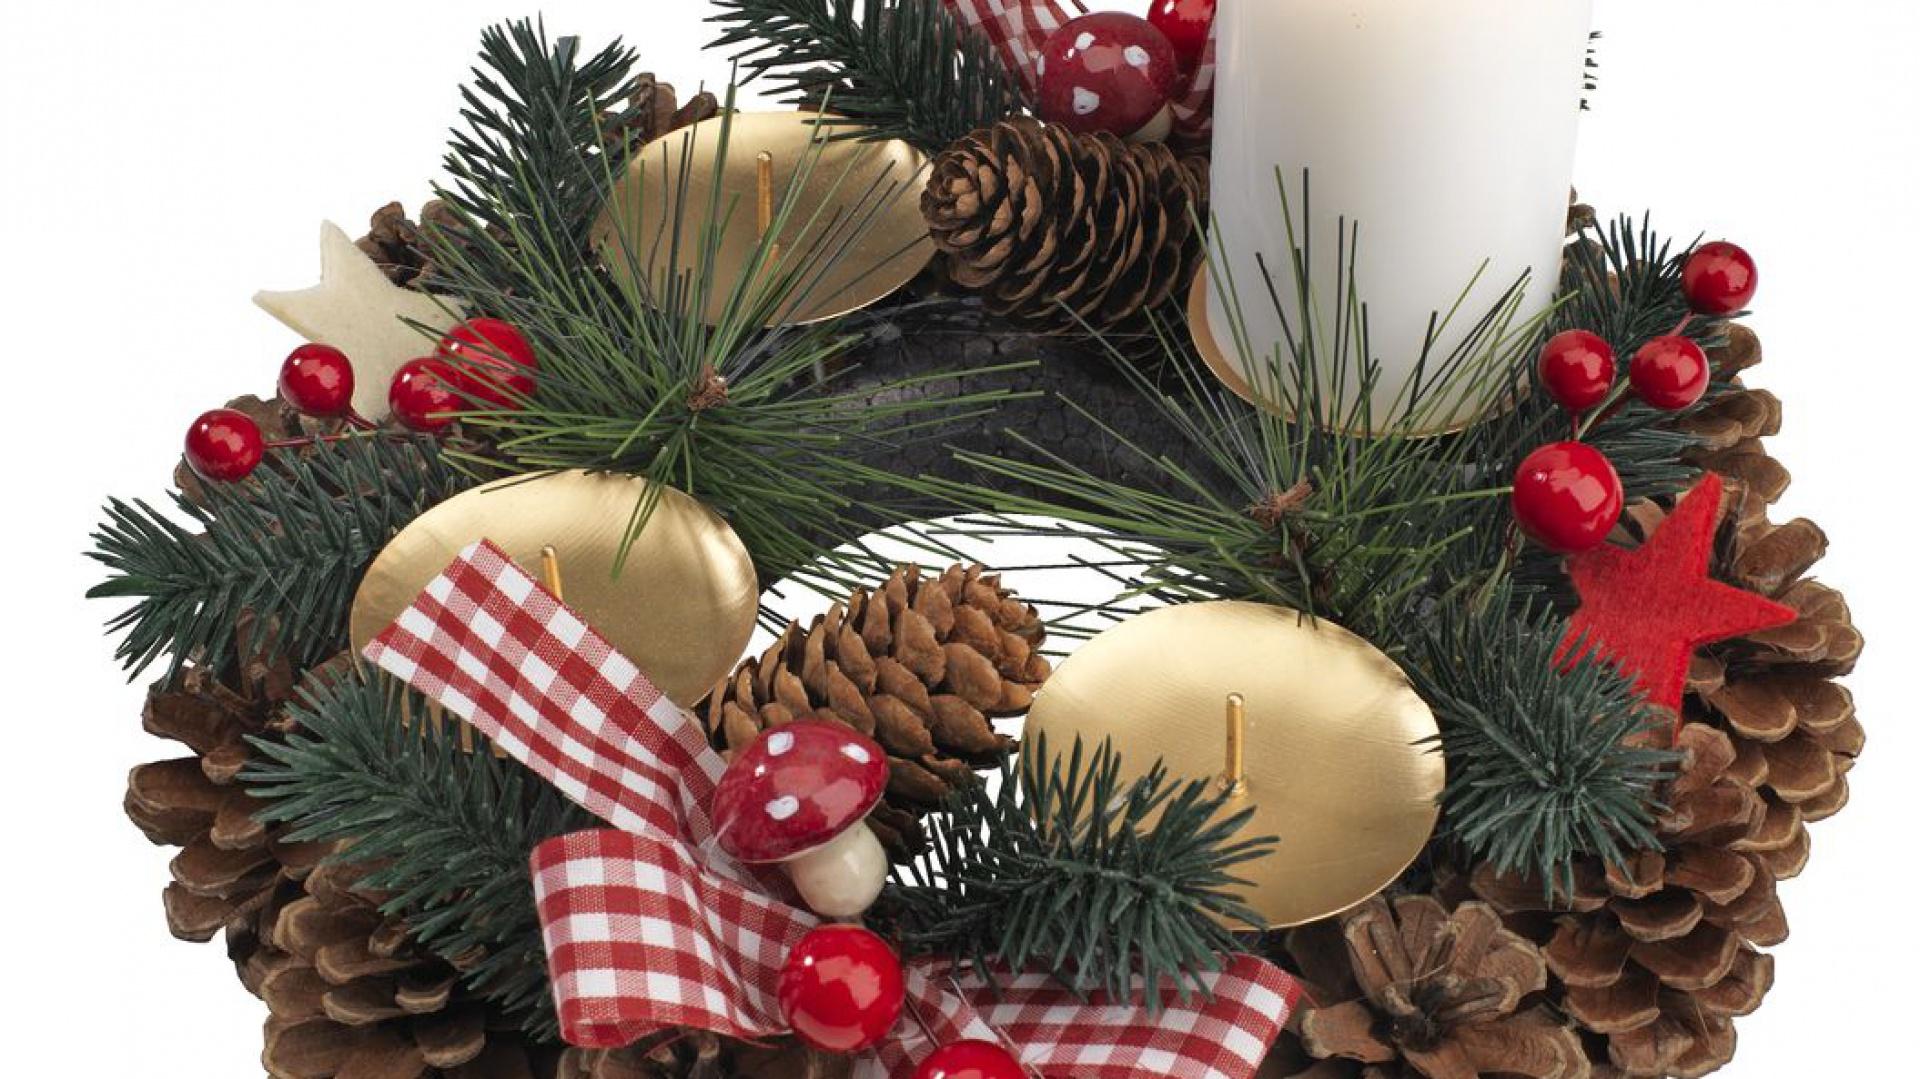 Tradycyjne Boże Narodzenie Postaw Na Dekoracje W Czerwonym